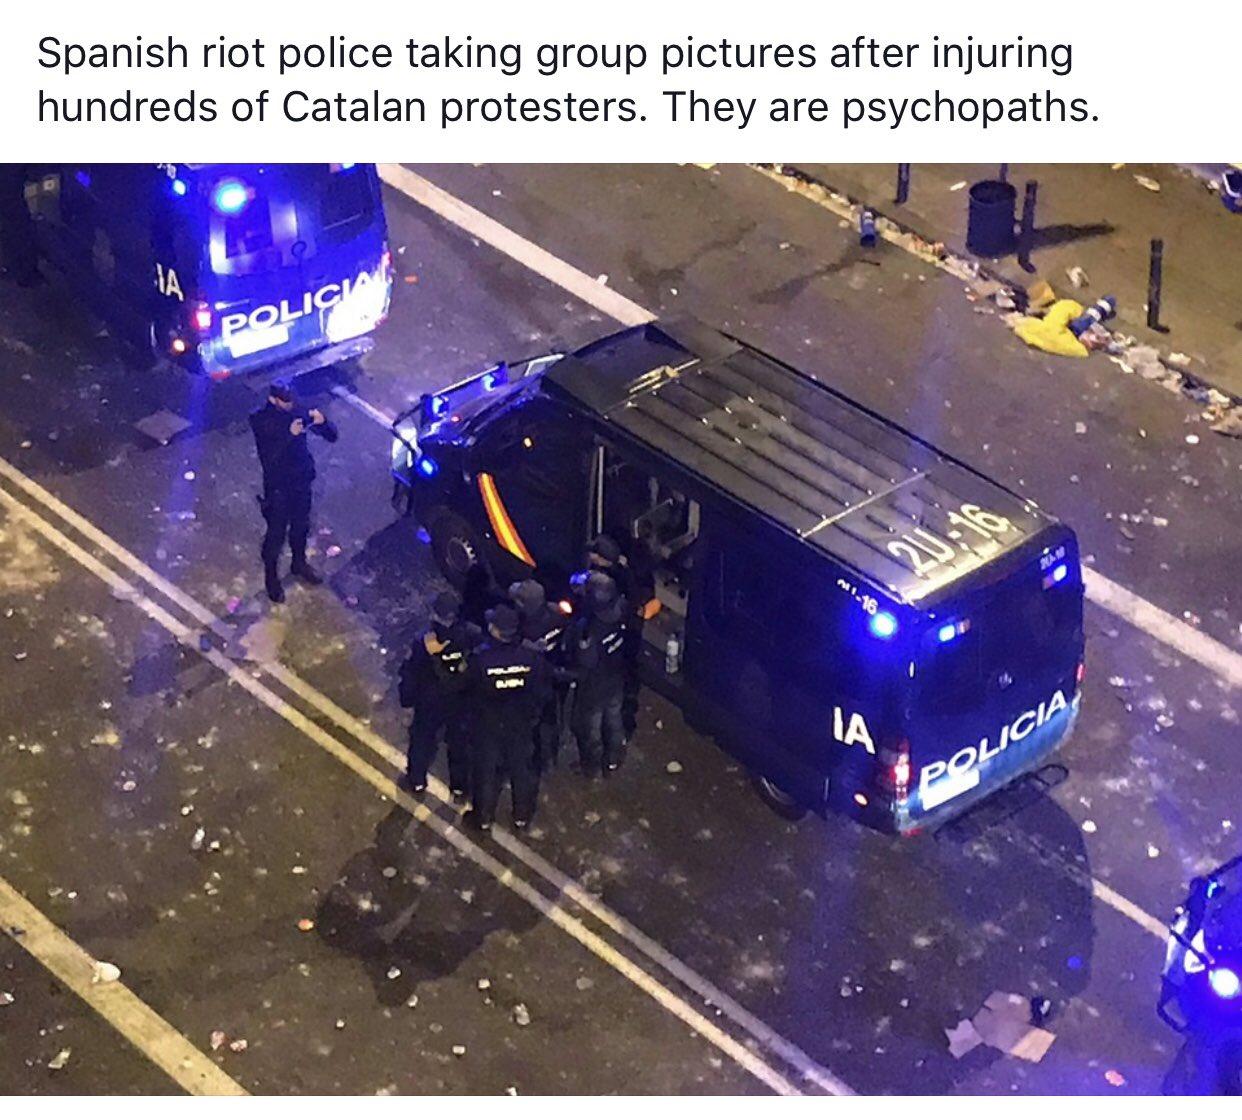 天下黑警一樣黑  Spanish riot police taking group pictures after injuring hundreds of Catalan protesters.  Meanwhile on 12/6, HK riot police took group photos after crazily firing tear gas& beating HKers. And they laugh happily.   Say no to #PoliceBrutality!   #Catalonia #HongKong https://t.co/a9hes3cZnp